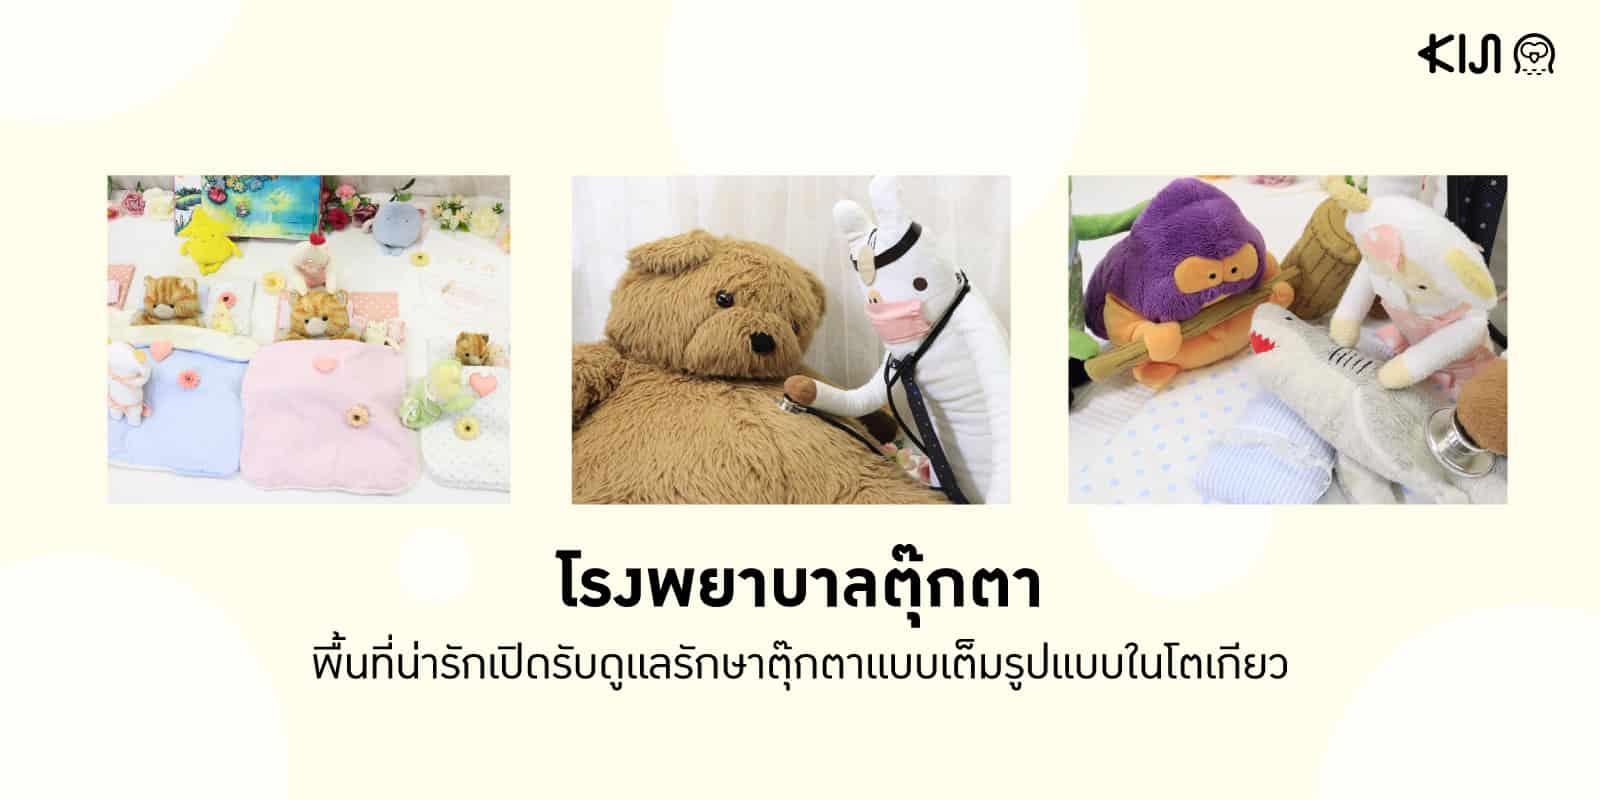 'โรงพยาบาลตุ๊กตา' ที่รับรักษาอาการผิดปกติของตุ๊กตาทุกรูปแบบ